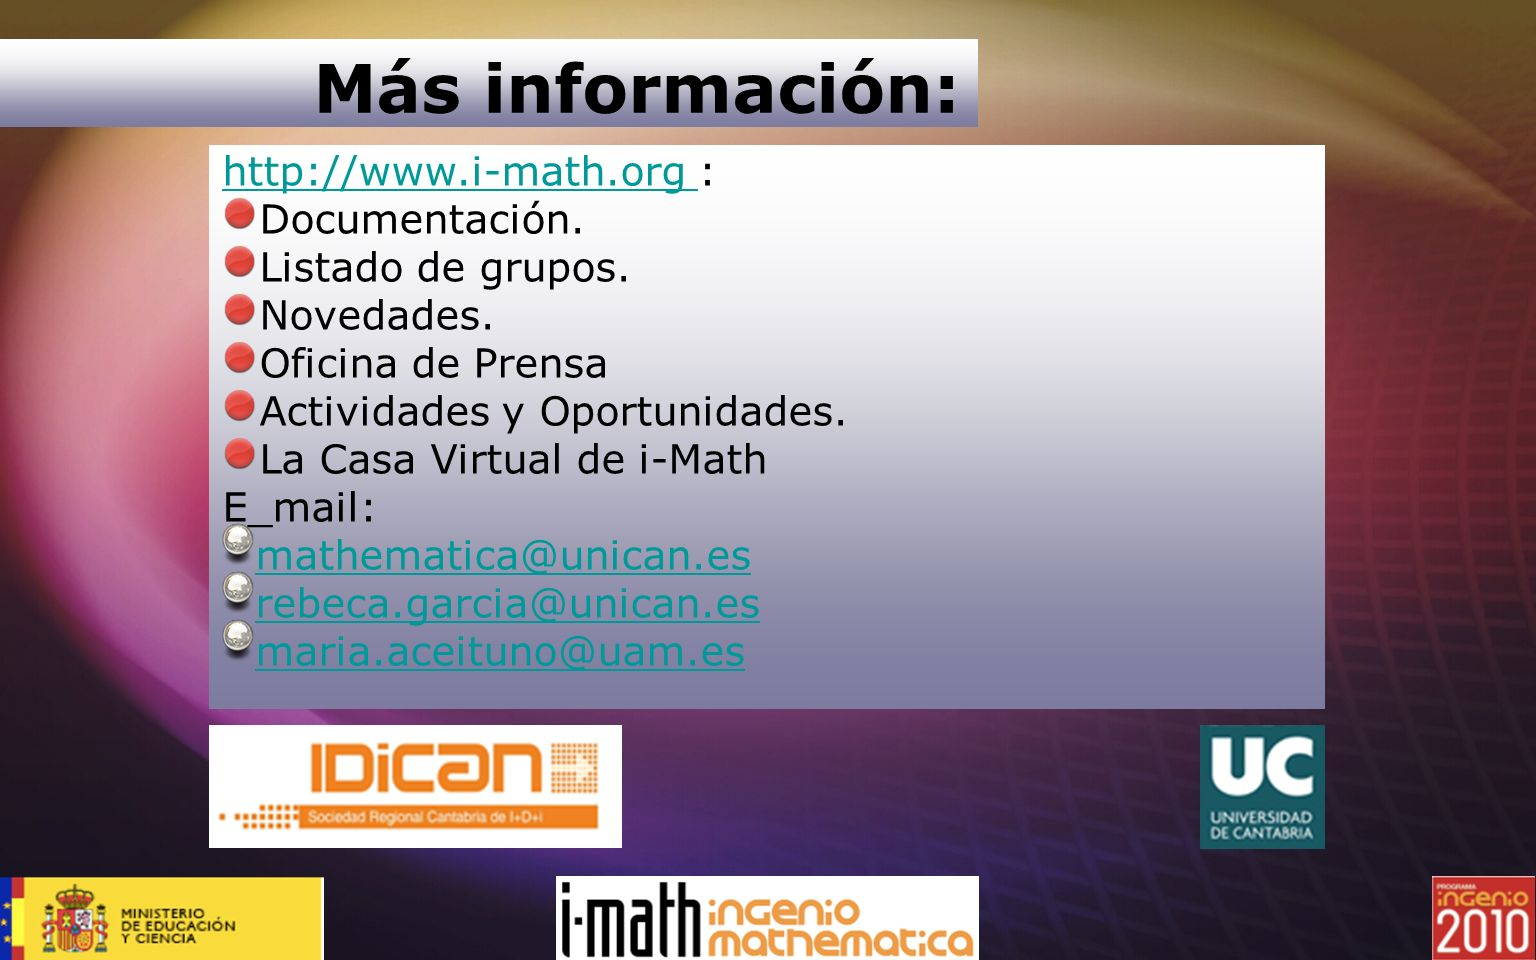 Más información: http://www.i-math.org http://www.i-math.org : Documentación. Listado de grupos. Novedades. Oficina de Prensa Actividades y Oportunida